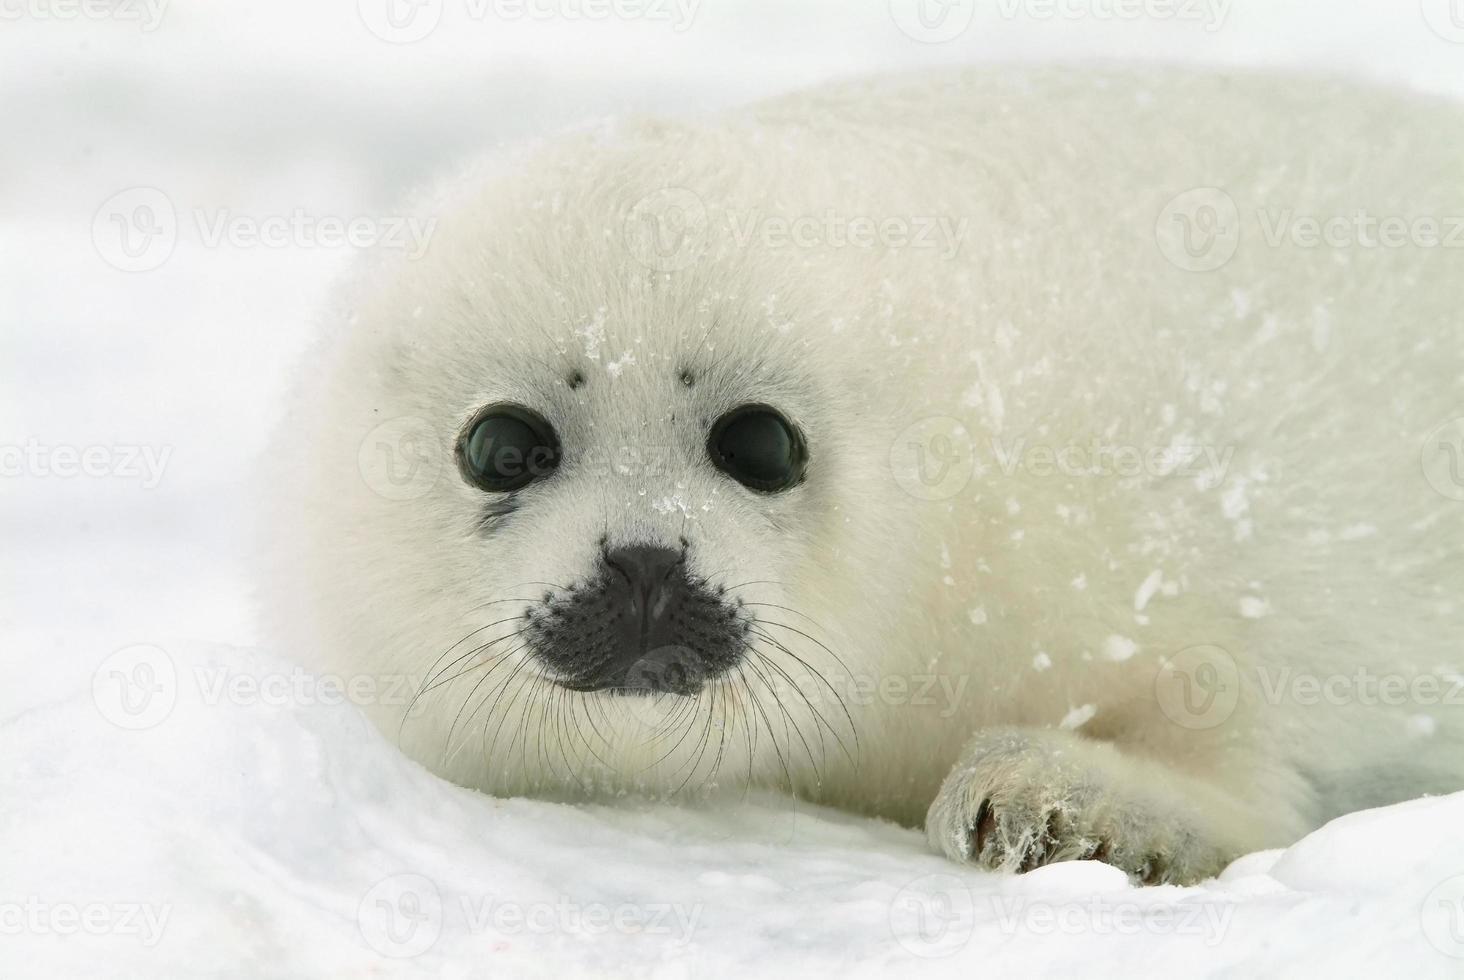 cucciolo di foca arpia sul ghiaccio nell'Atlantico settentrionale foto